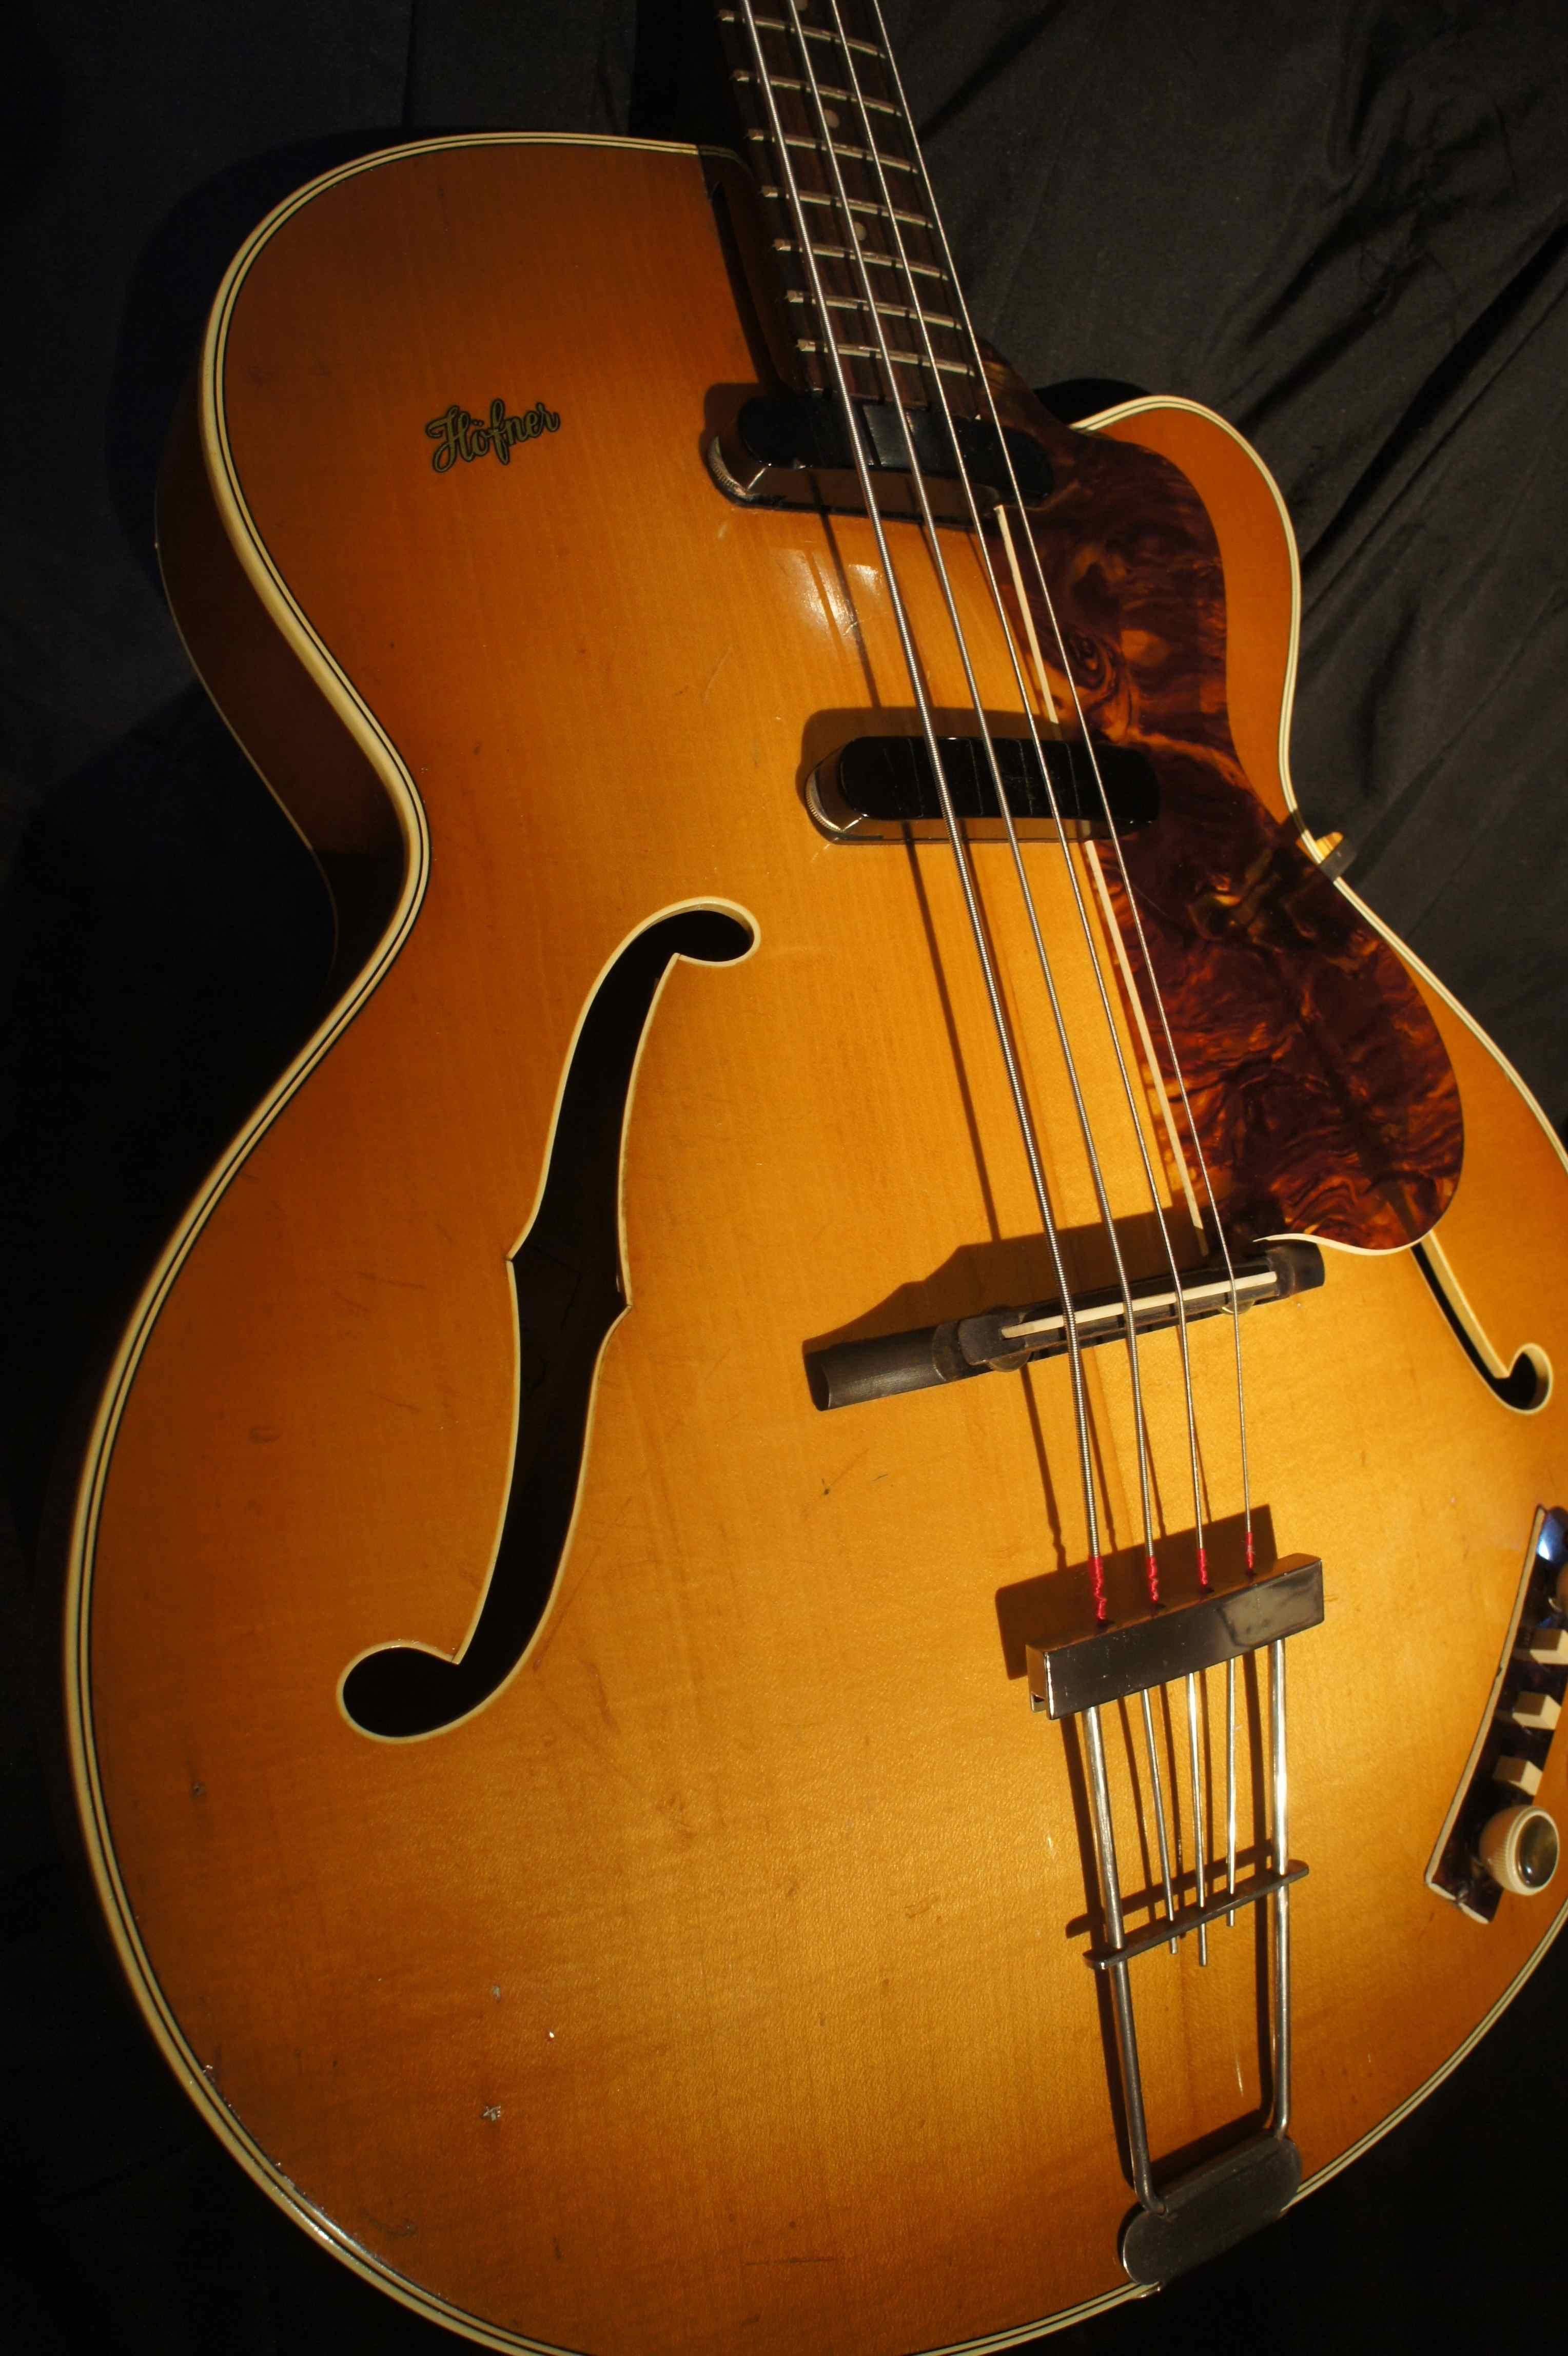 Hofner Bass Guitar : h fner 500 5 bass guitar 1958 tune your sound ~ Hamham.info Haus und Dekorationen